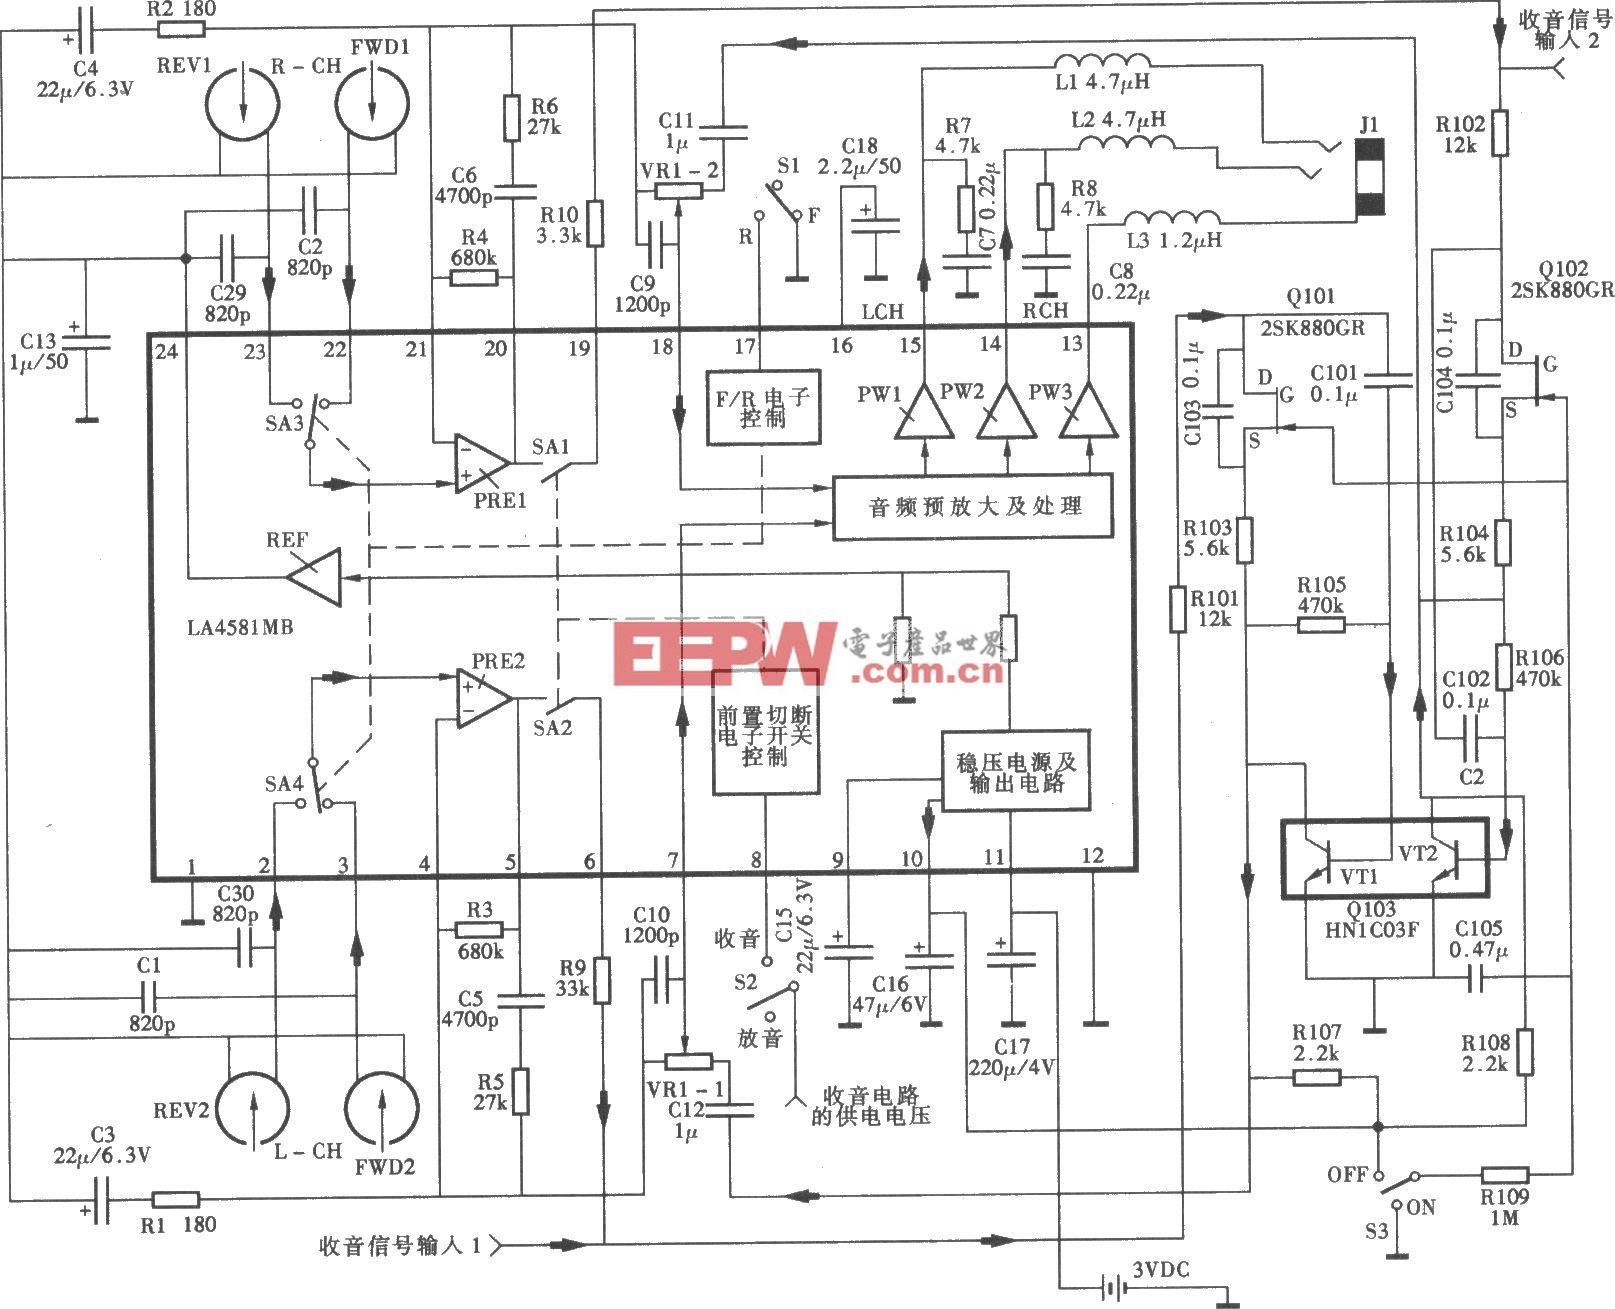 愛華HS-T系列隨身聽電路